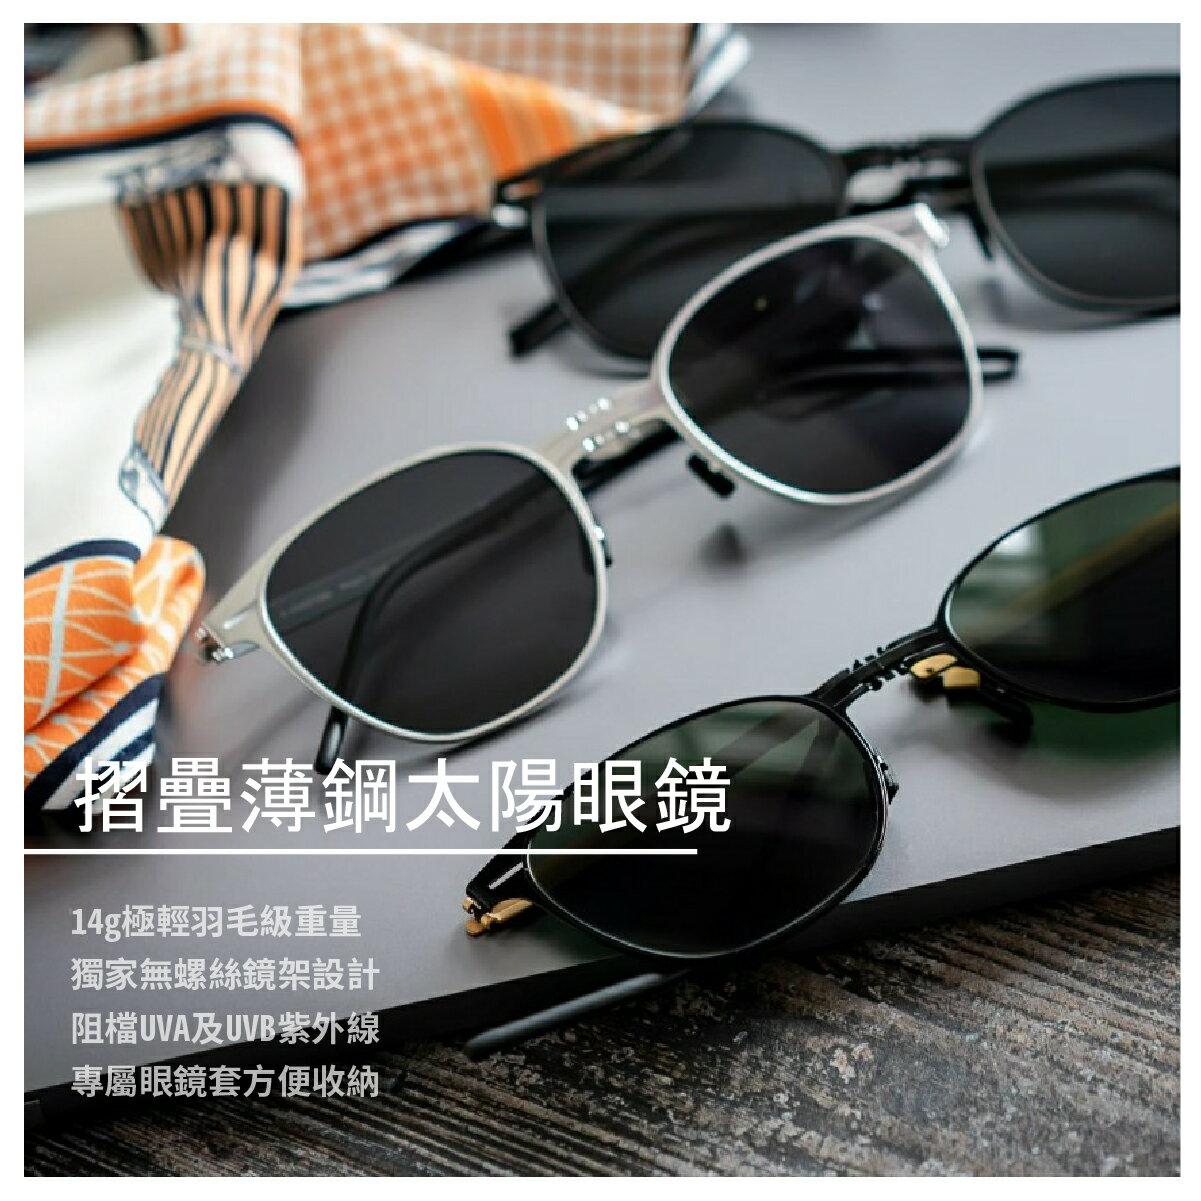 【首禾】HASHTAG 摺疊薄鋼太陽眼鏡